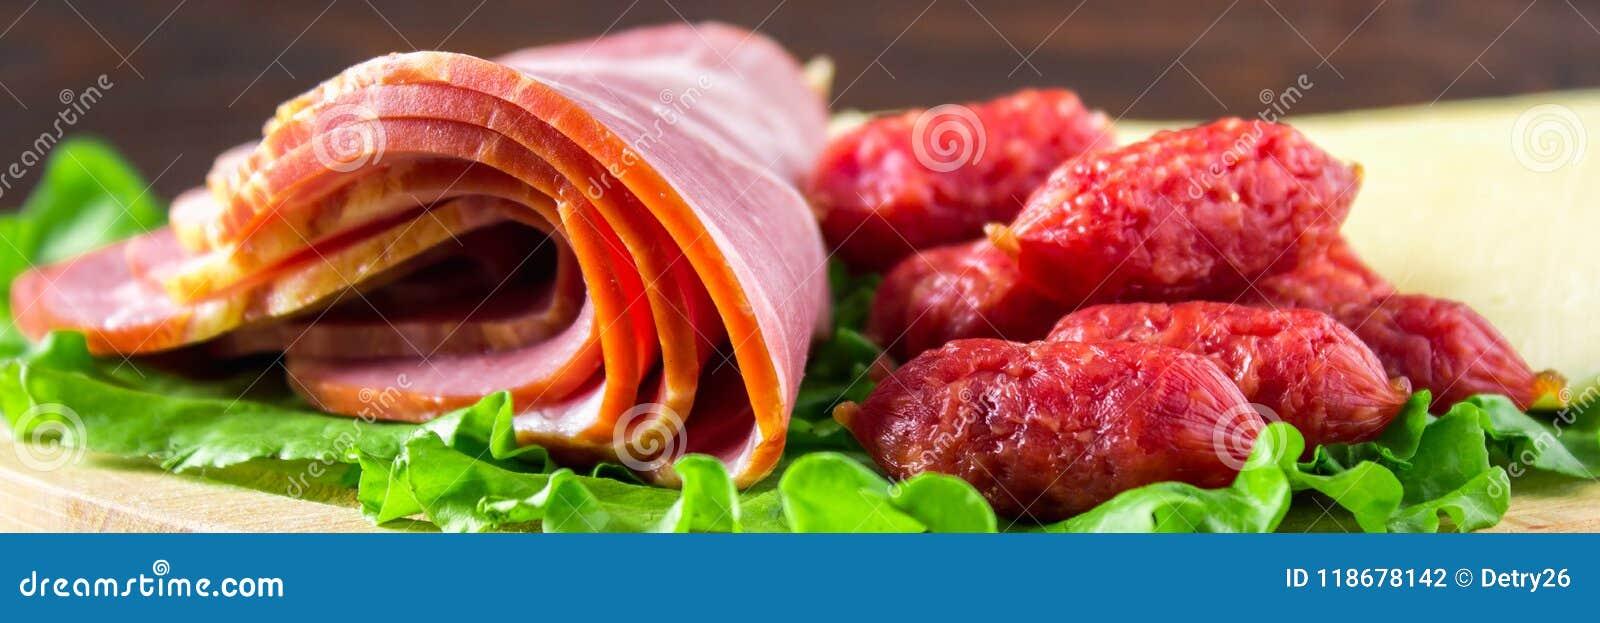 被分类的肉制品包括火腿和香肠 乳酪横幅